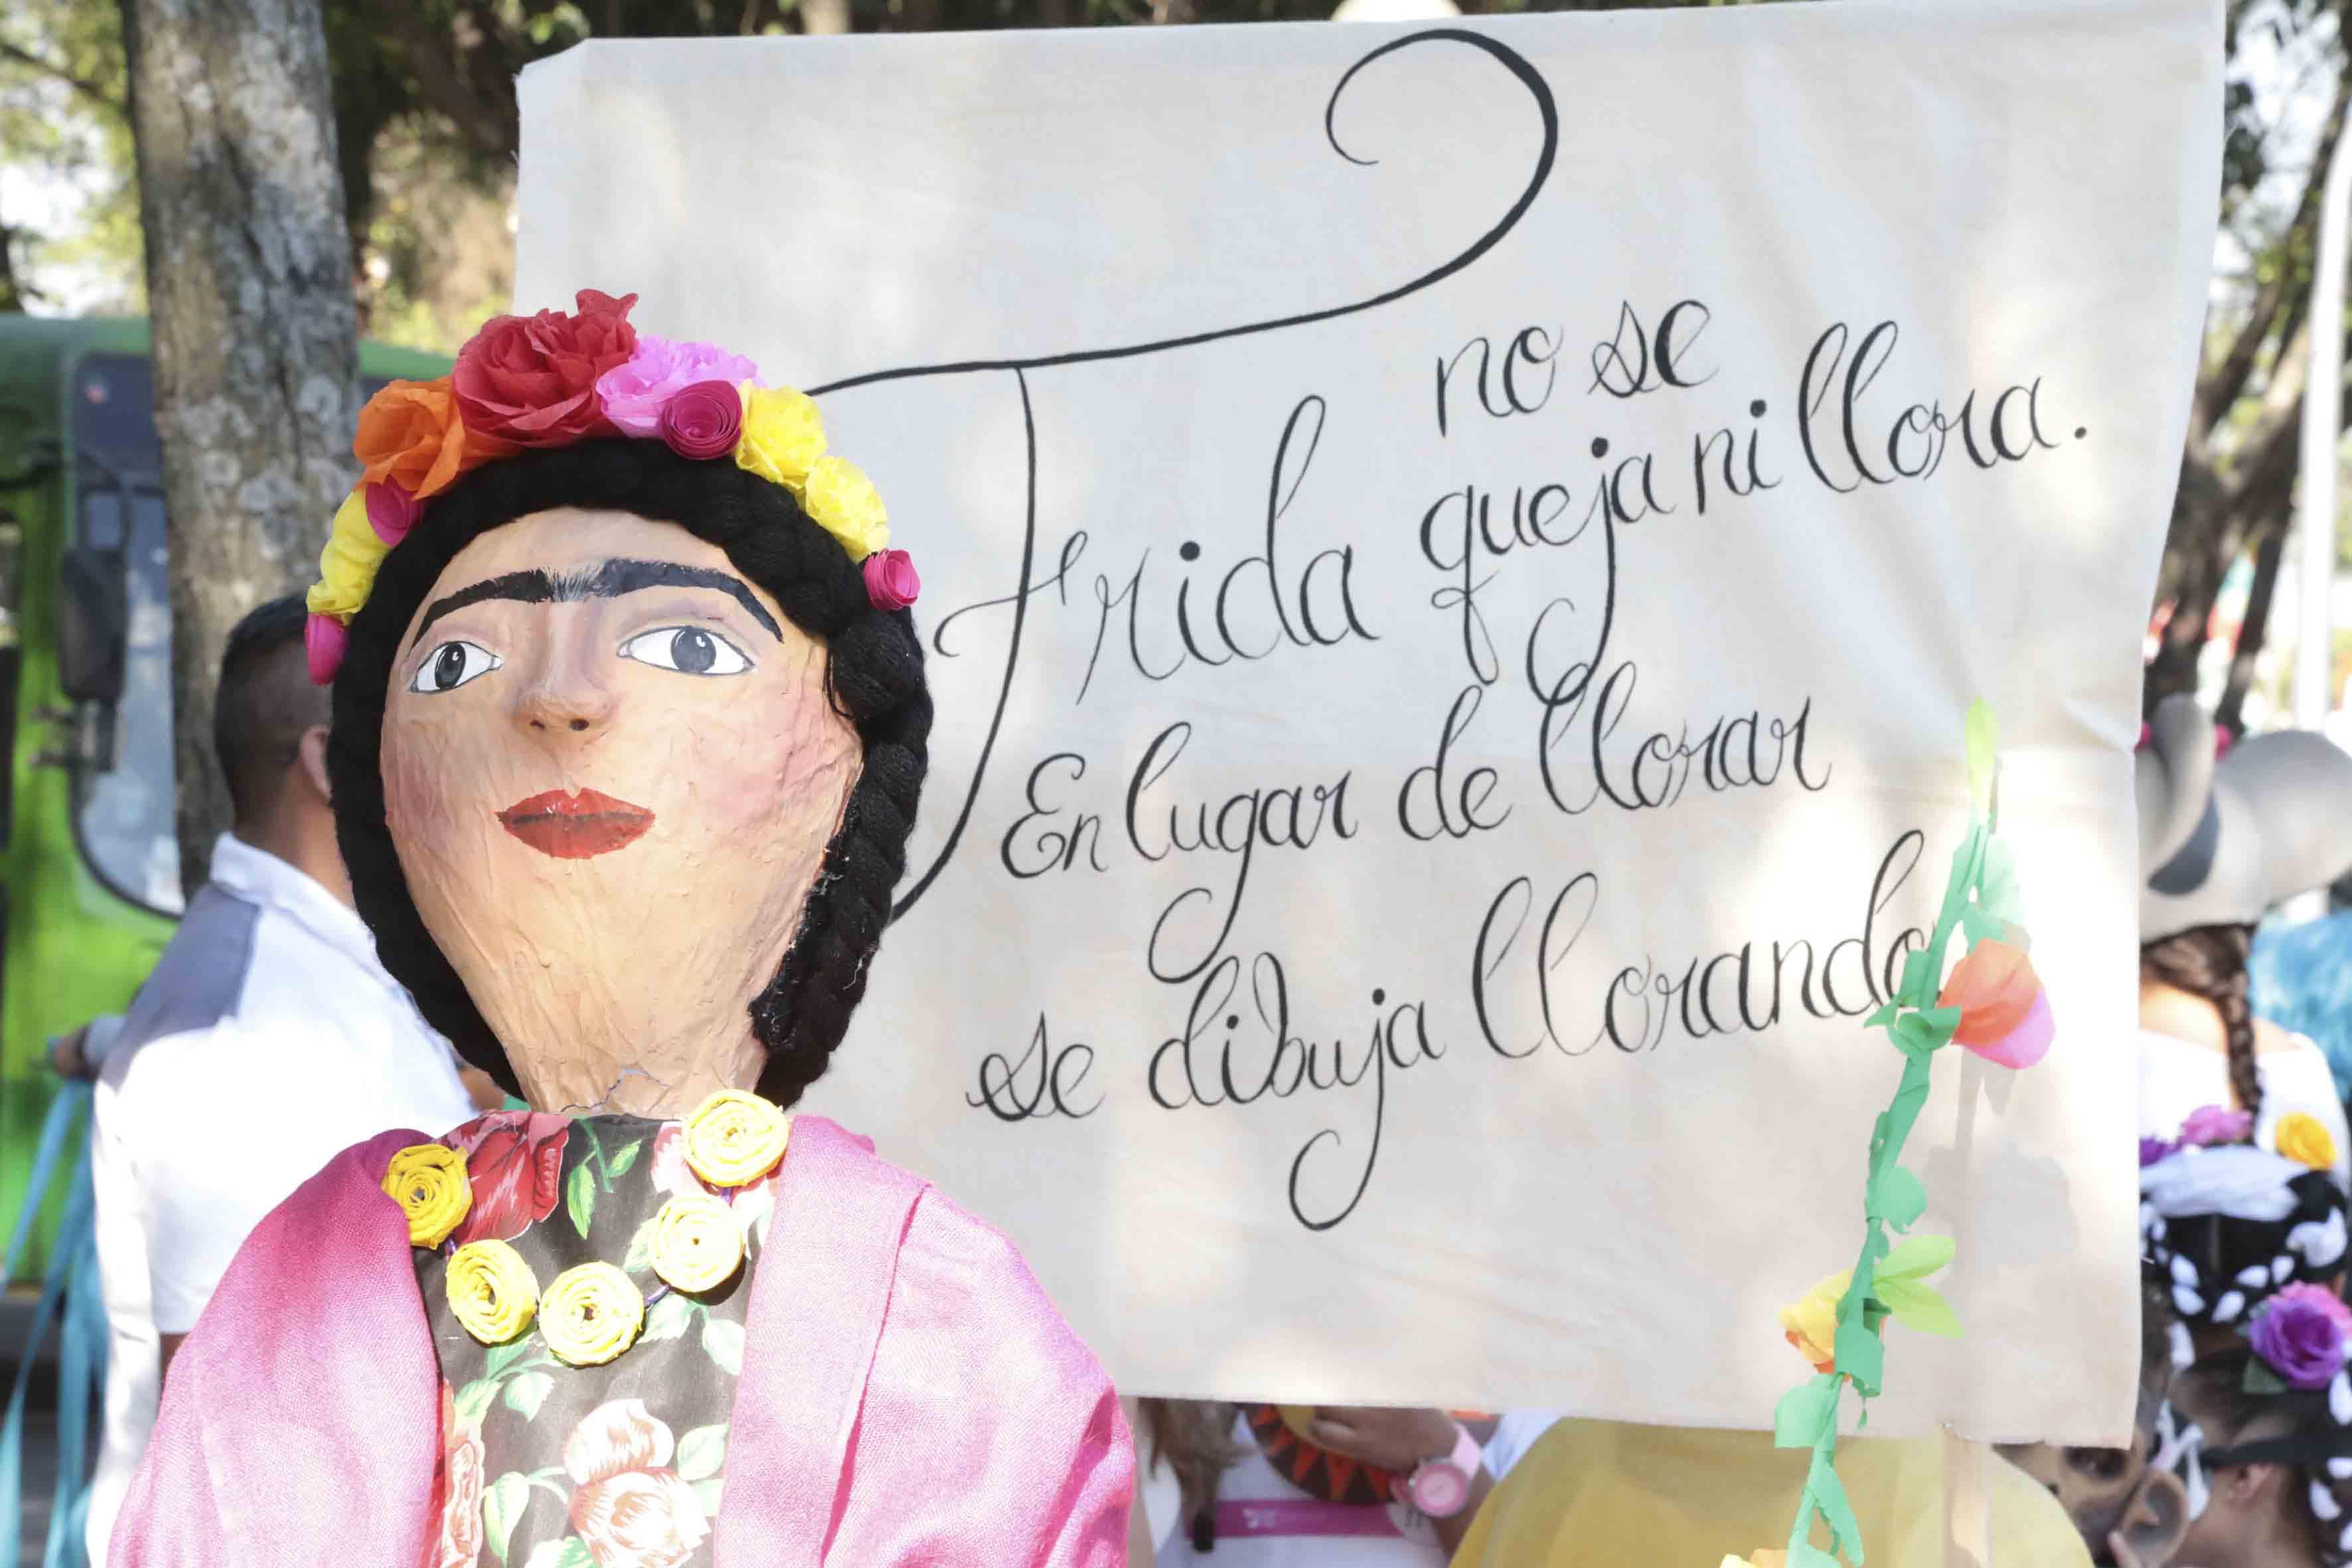 """Representación literaria de la obra """"Frida"""", con la leyenda """"Frida no se queja ni llora. En lugar de llorar se dibuja llorando""""."""